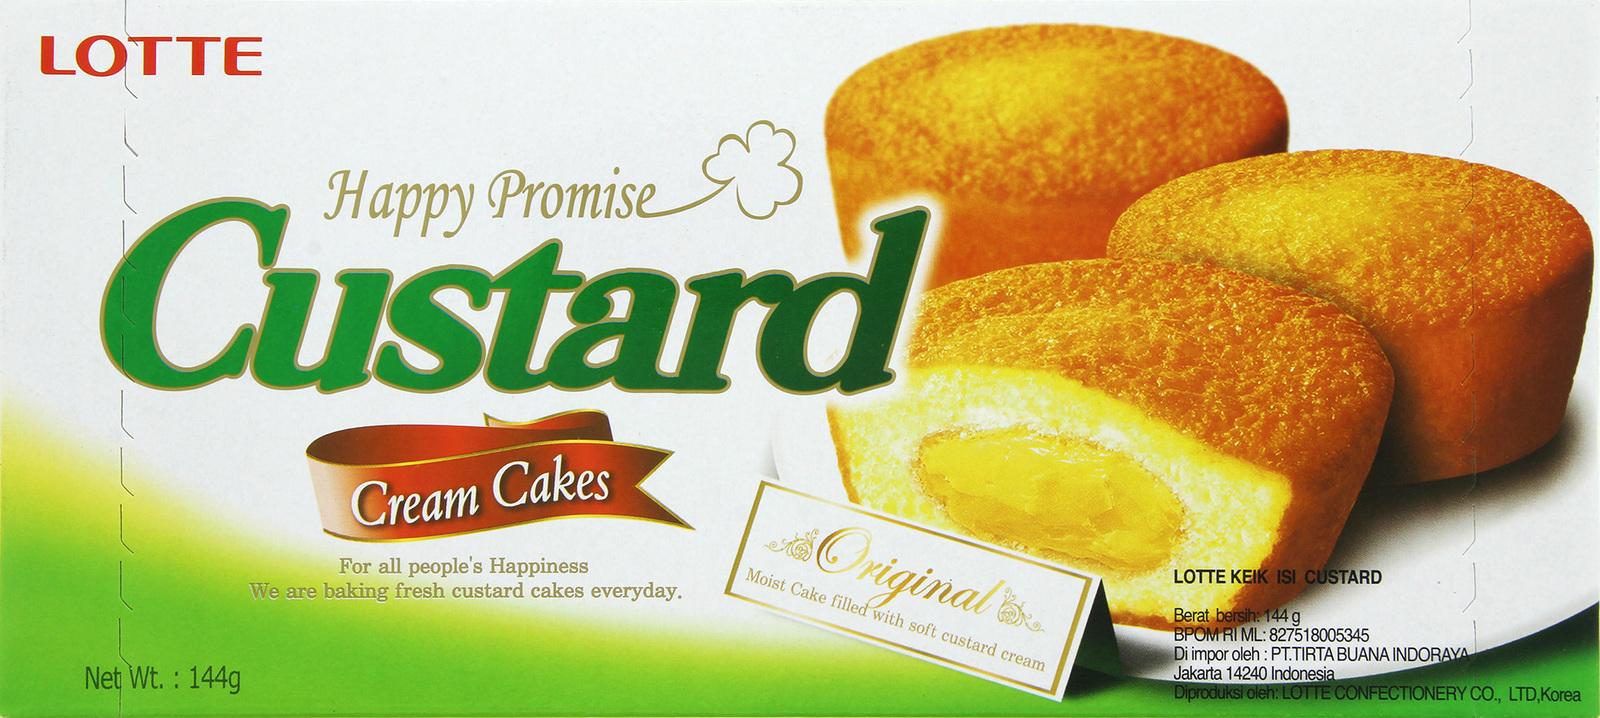 Lotte Custard Cream Cakes (72 Pieces) image